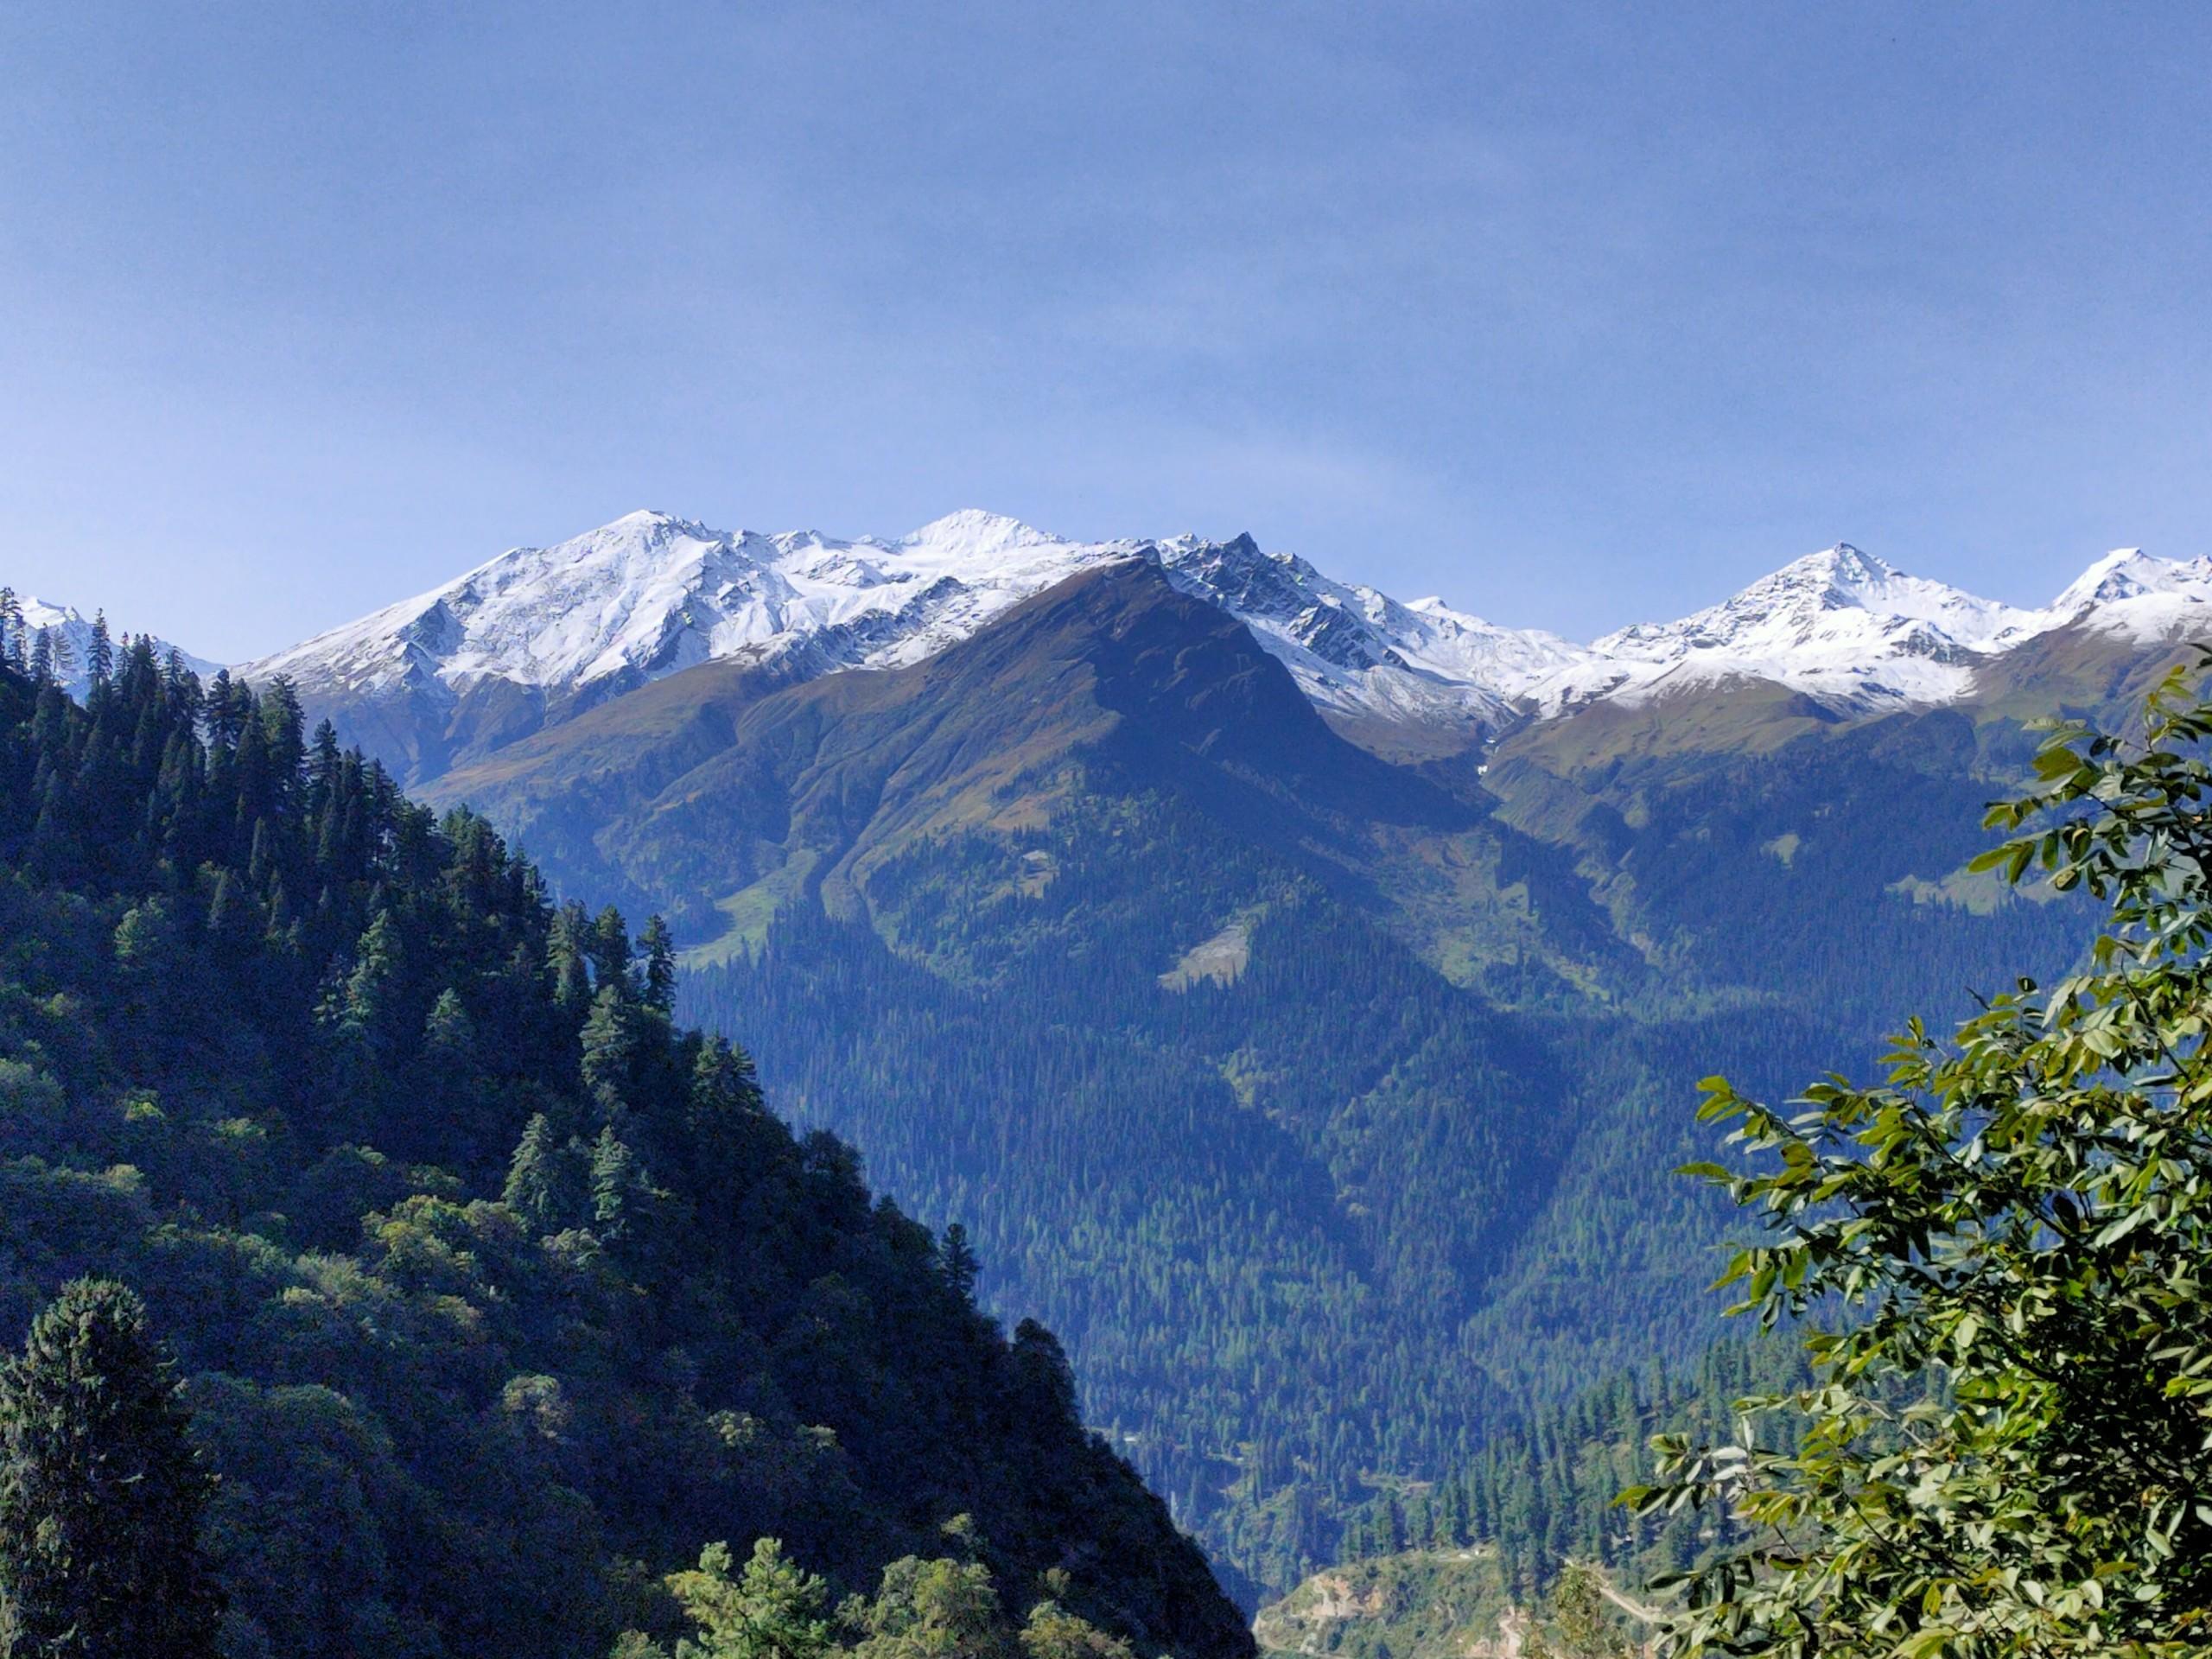 Manali Mountains in Himachal Pradesh